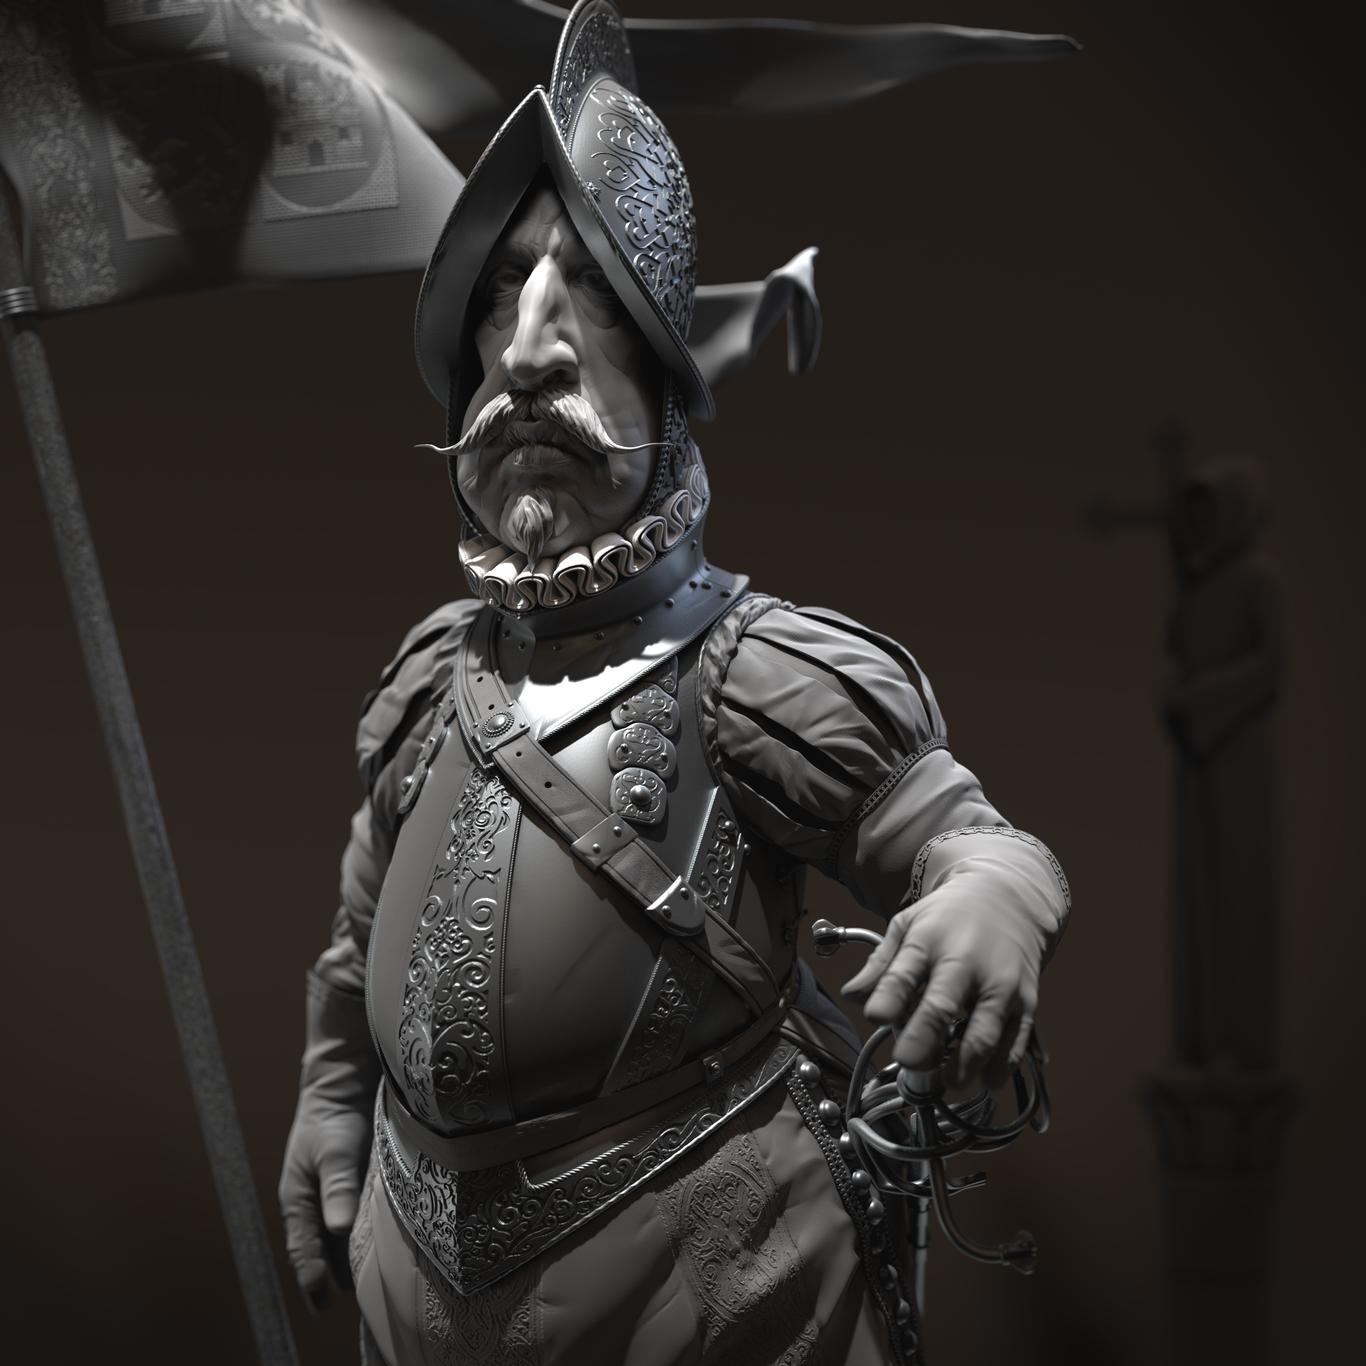 Vetalll conquistador don jua 1 b2e66ea7 bh2z